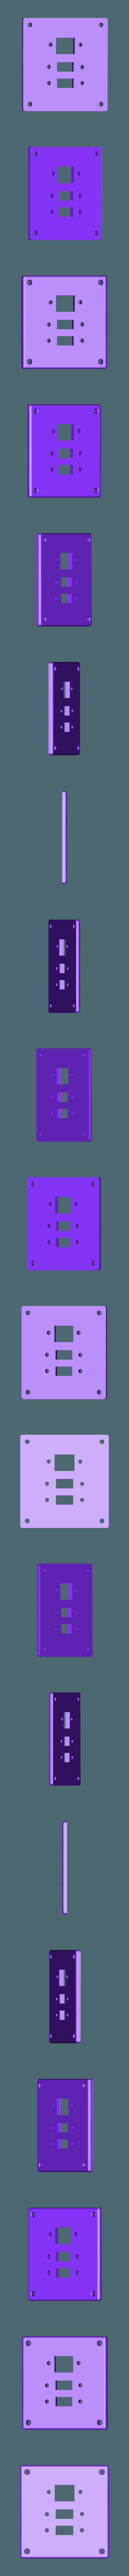 K40_Comms.stl Télécharger fichier STL gratuit Port de communication laser K40 • Plan imprimable en 3D, smirnoff01